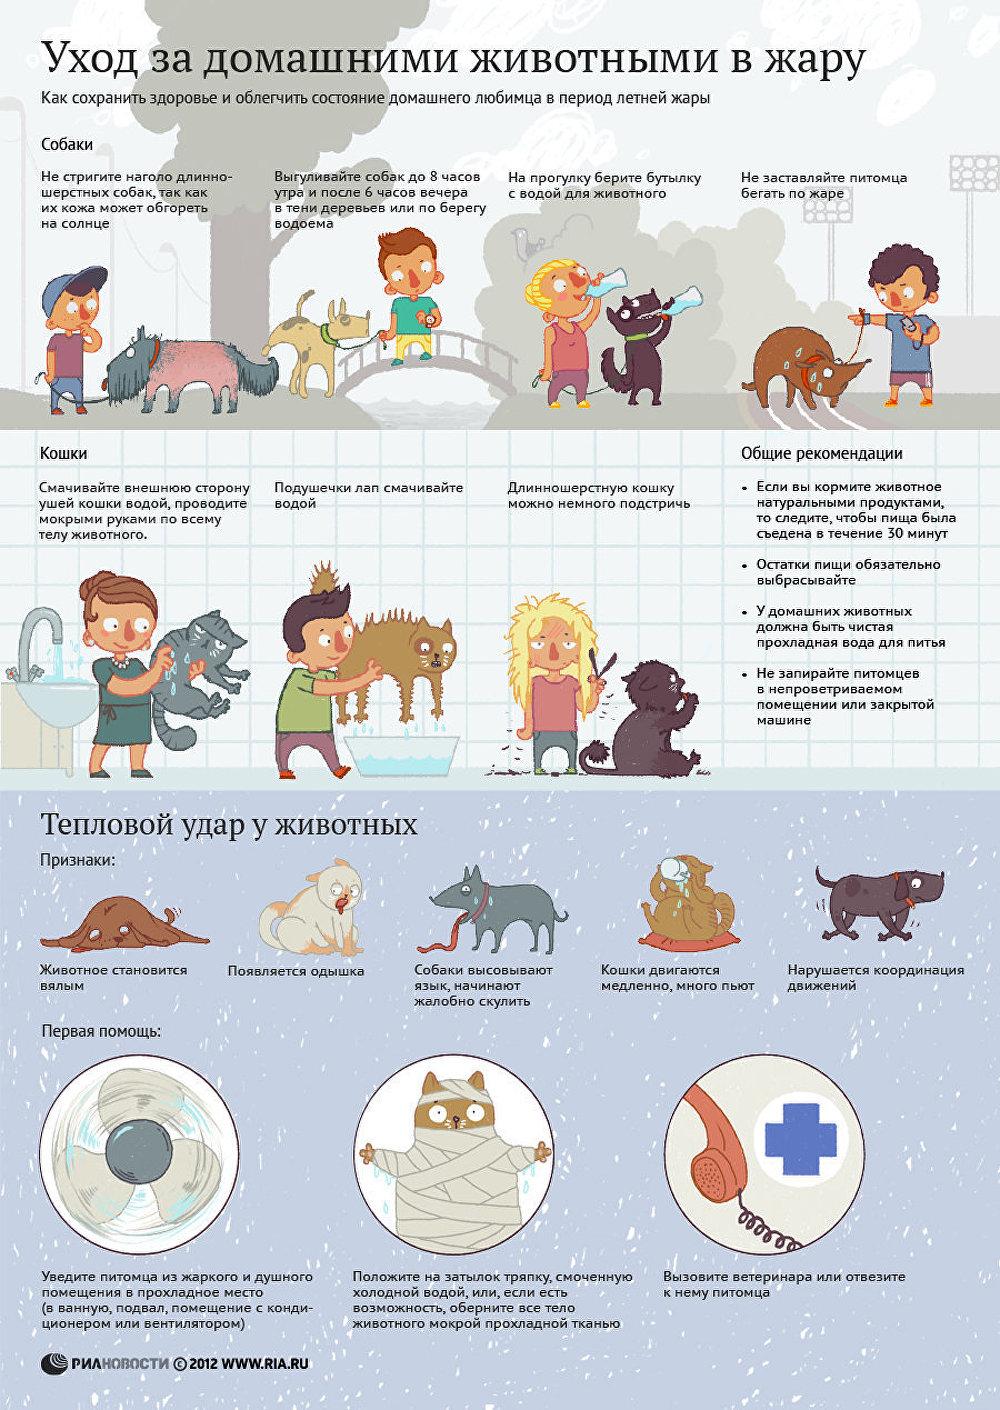 Уход за домашними животными в жару